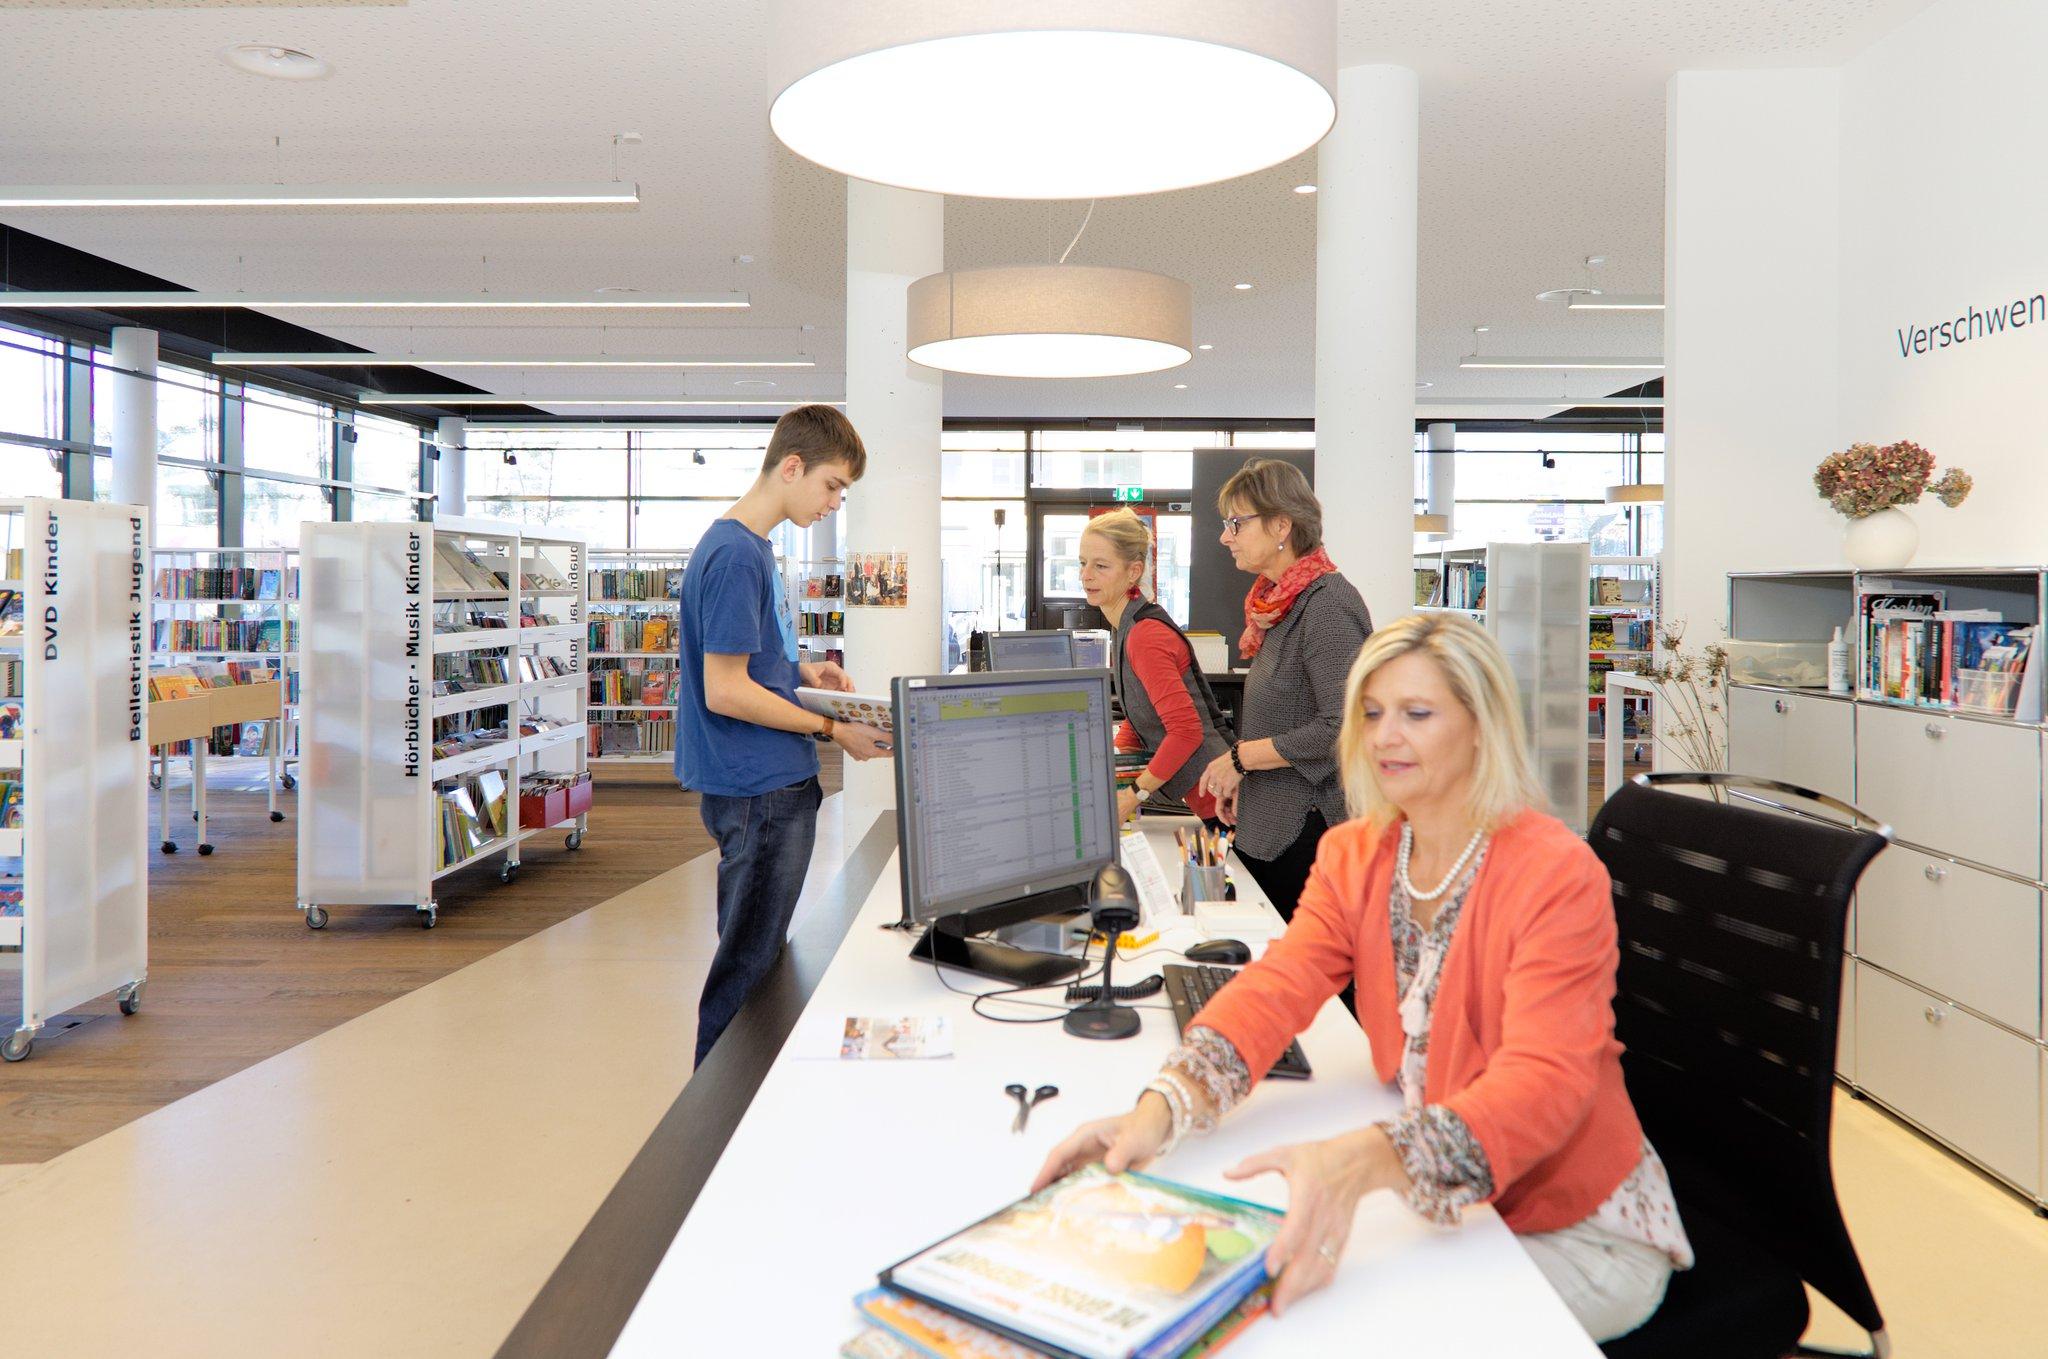 Die Bibliothek Ebikon registrierte im Jahr 2020 trotz zeitweisem Lockdown so viele Ausleihen wie noch nie.